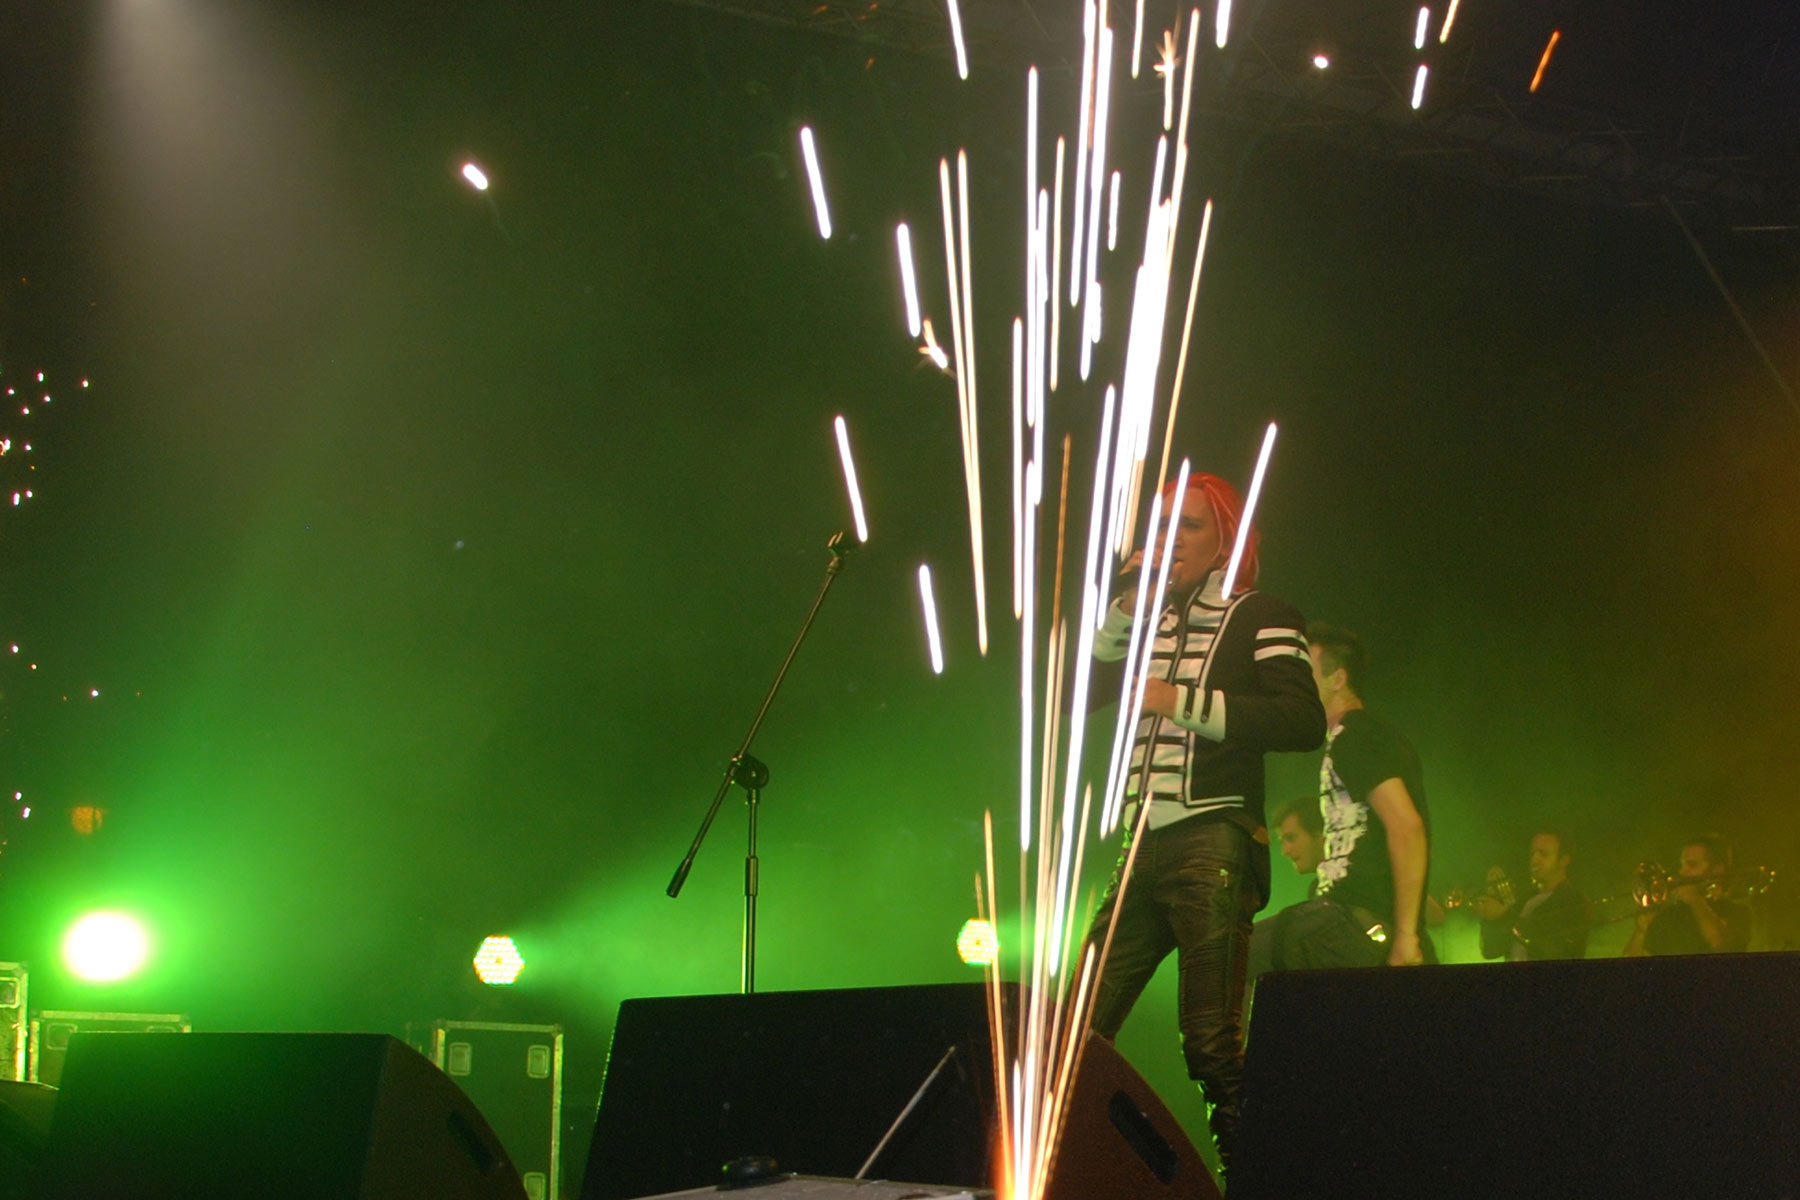 Efekty sceniczne na imprezach muzycznych